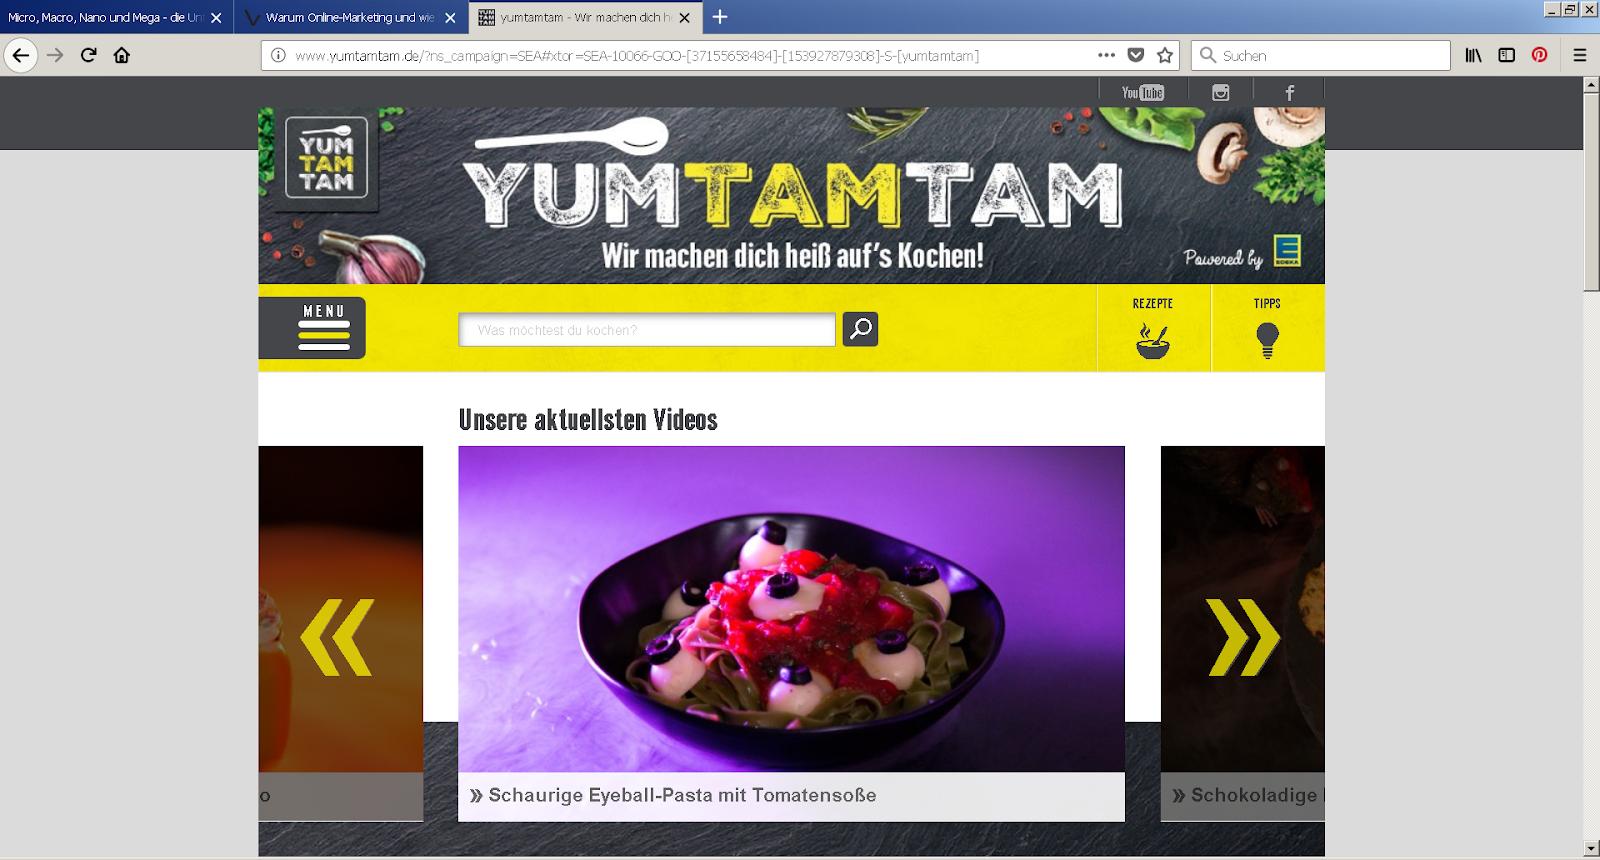 Kochkanal yumtamtam auf YouTube